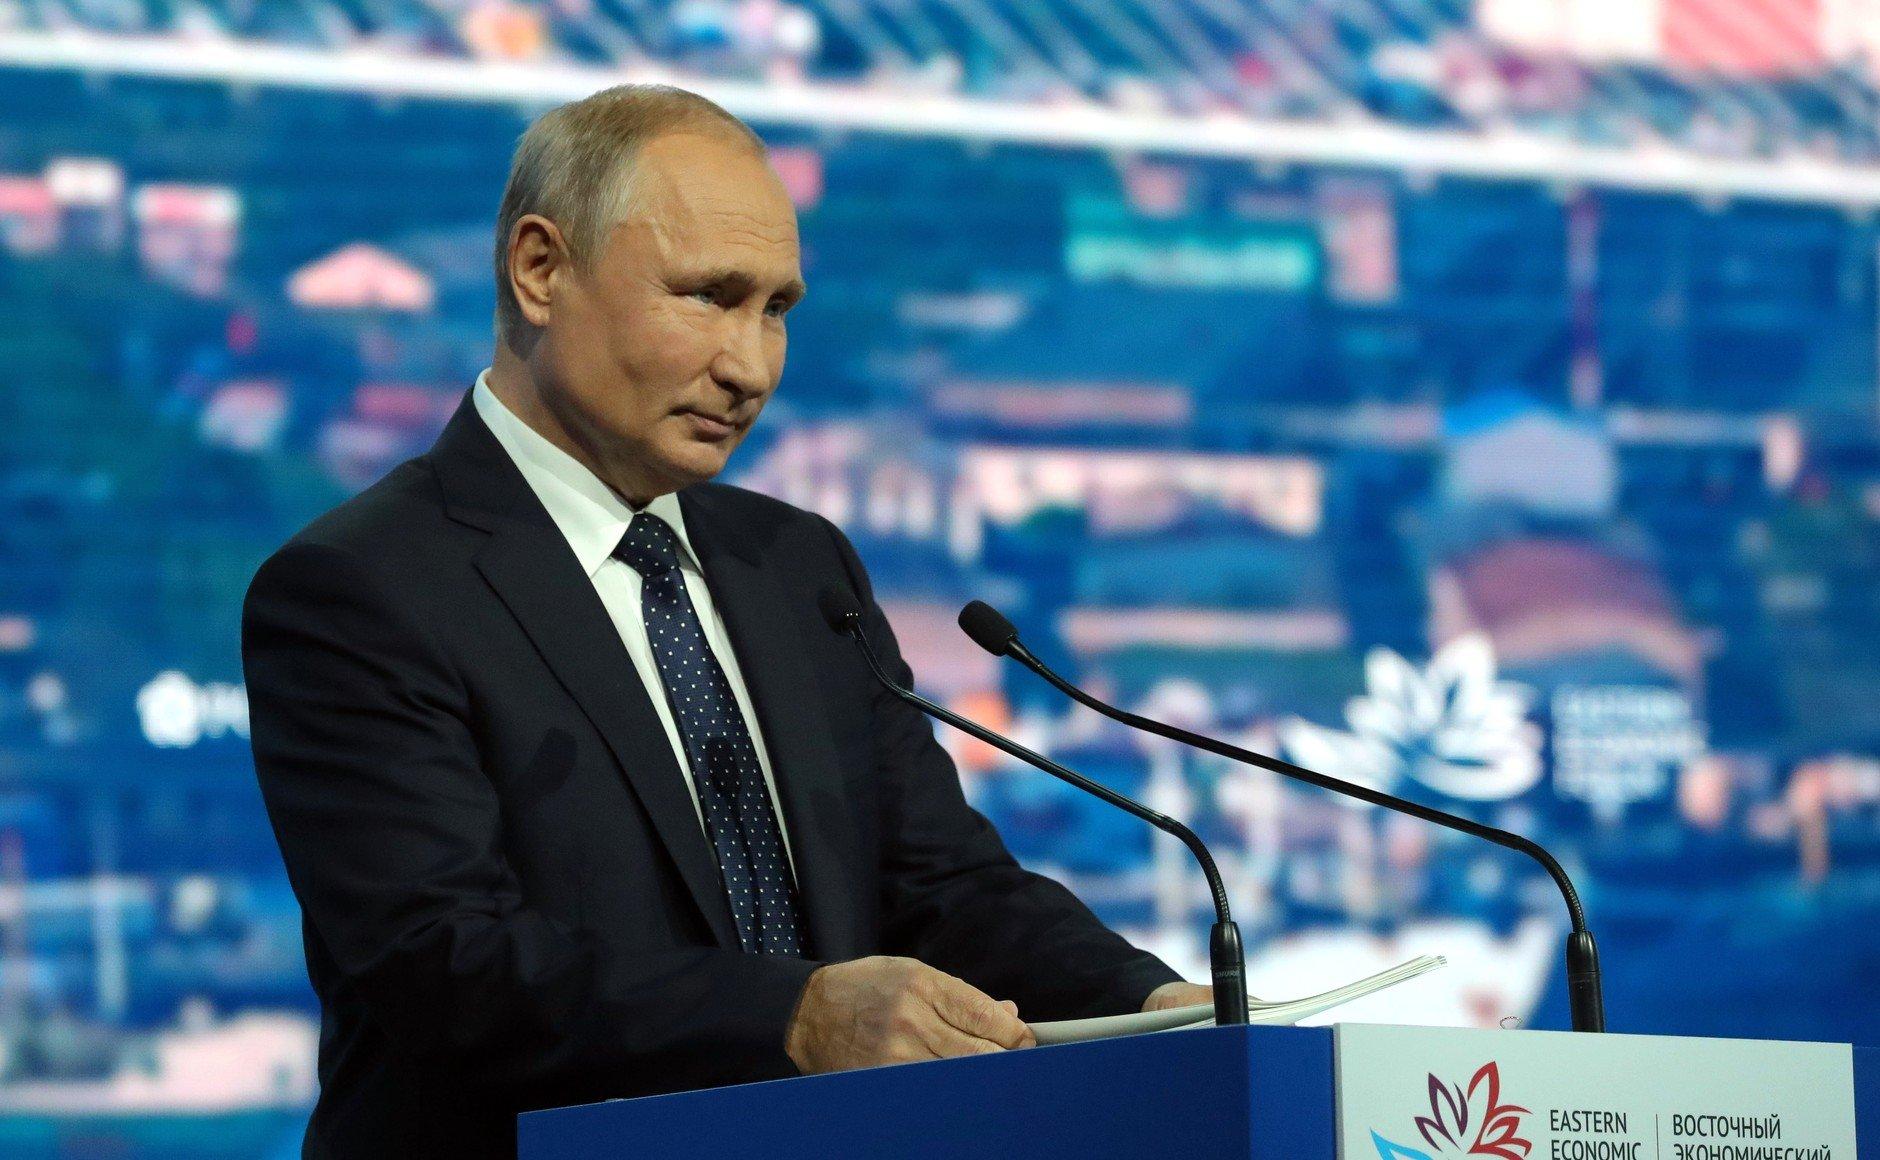 Выступление на пленарном заседании Восточного экономического форума.